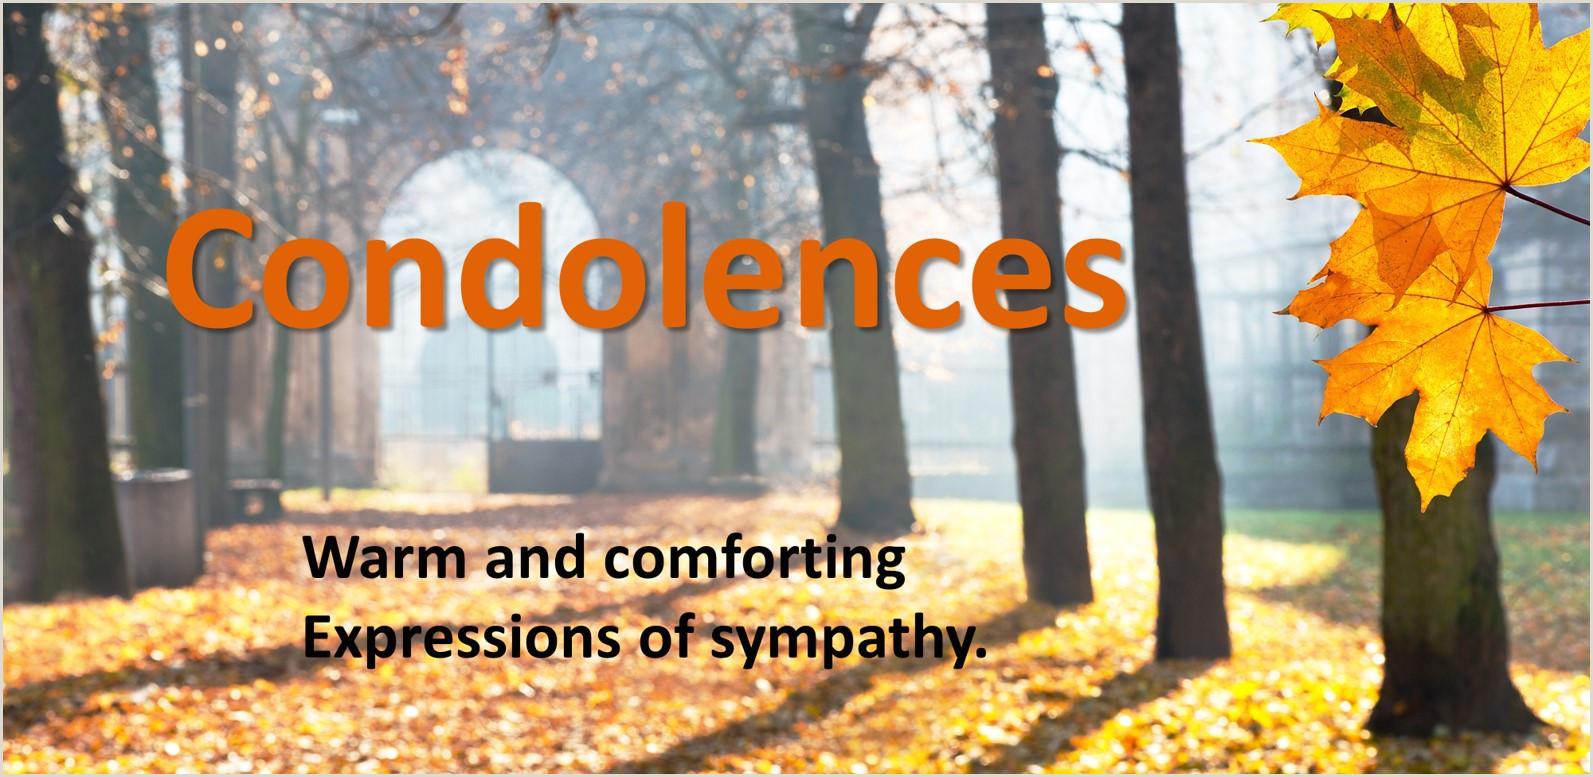 Condolences & Sympathy Messages 250 Examples